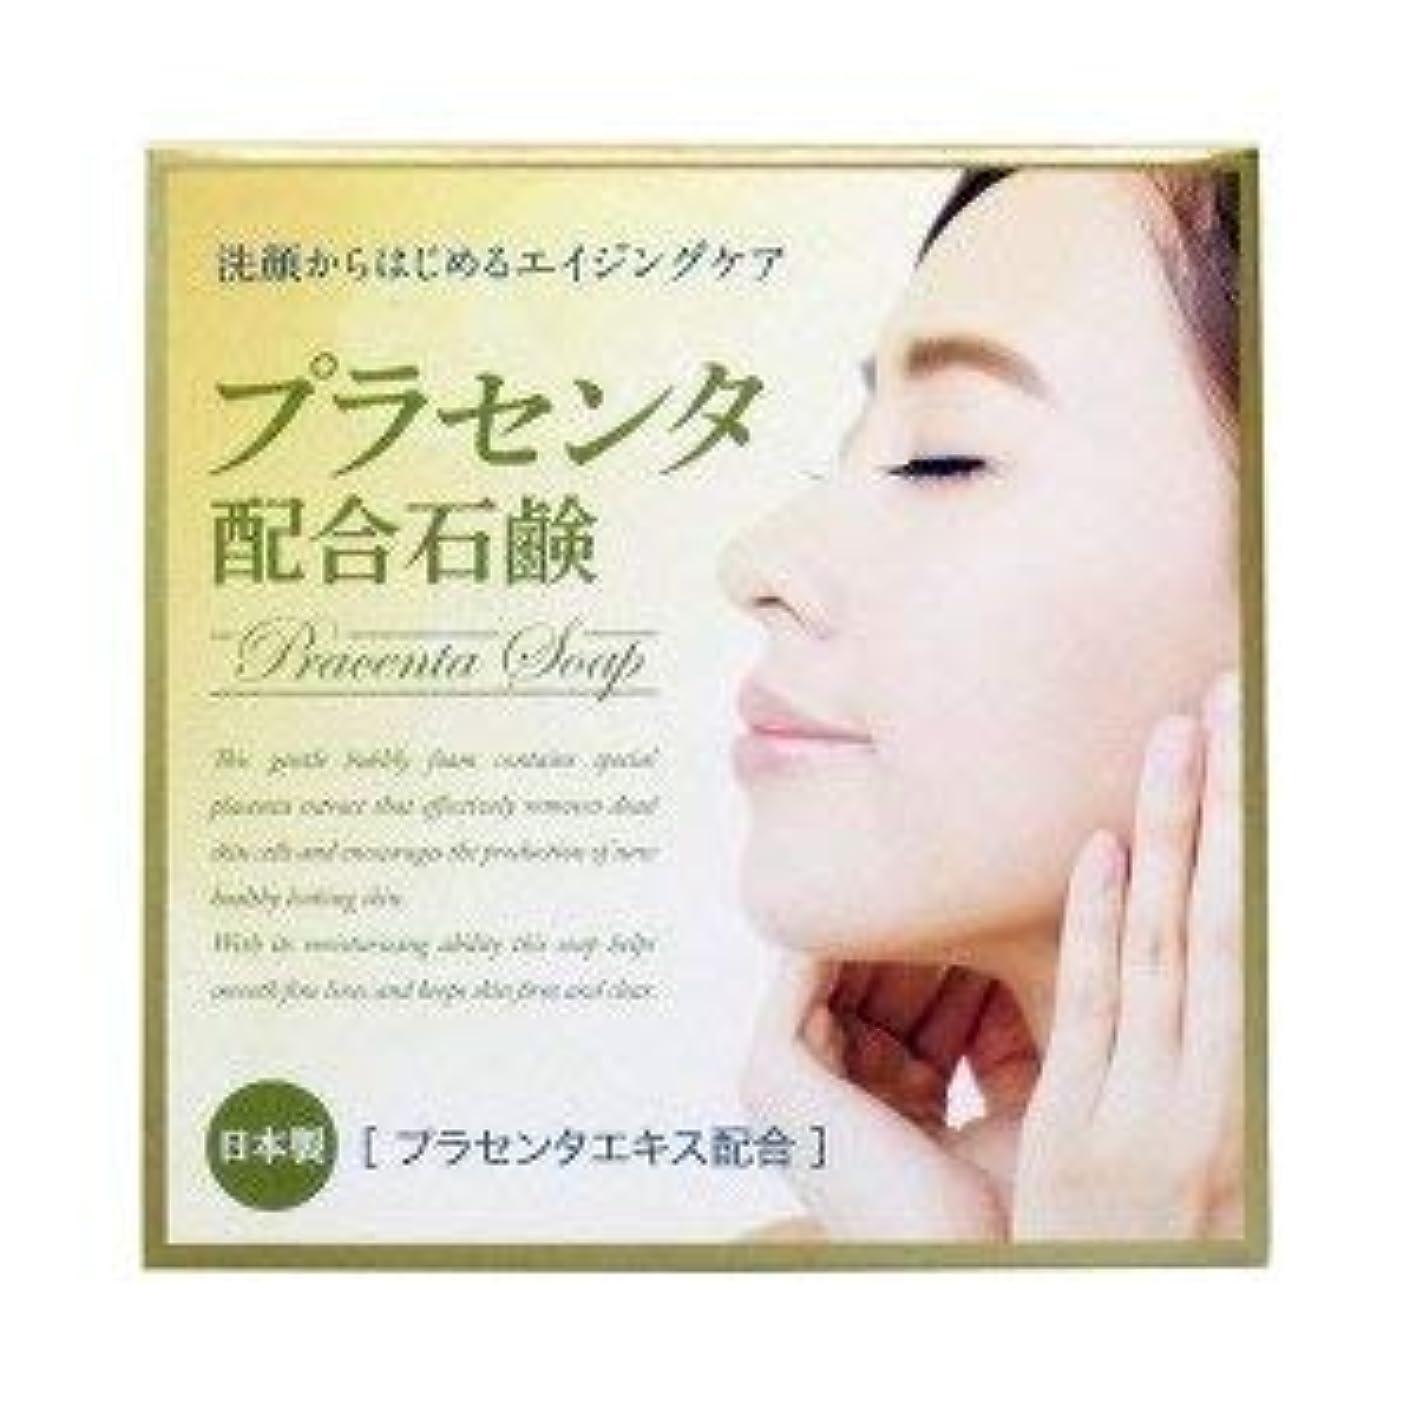 もダイヤル主張プラセンタ配合石鹸 80g×2 2個1セット プラセンタエキス保湿成分配合 日本製